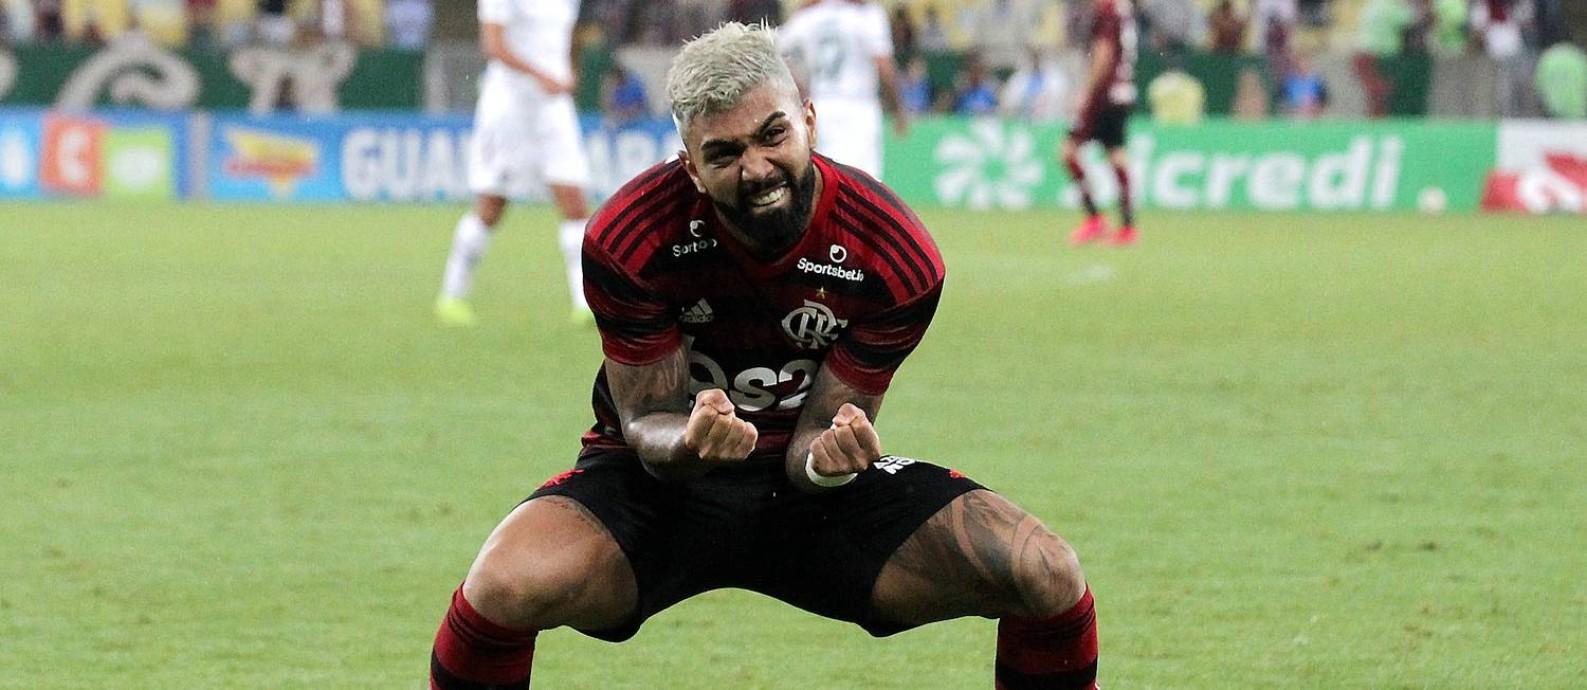 Gabigol comemora o segundo gol do Flamengo sobre o Fluminense Foto: MARCELO THEOBALD / Agência O Globo